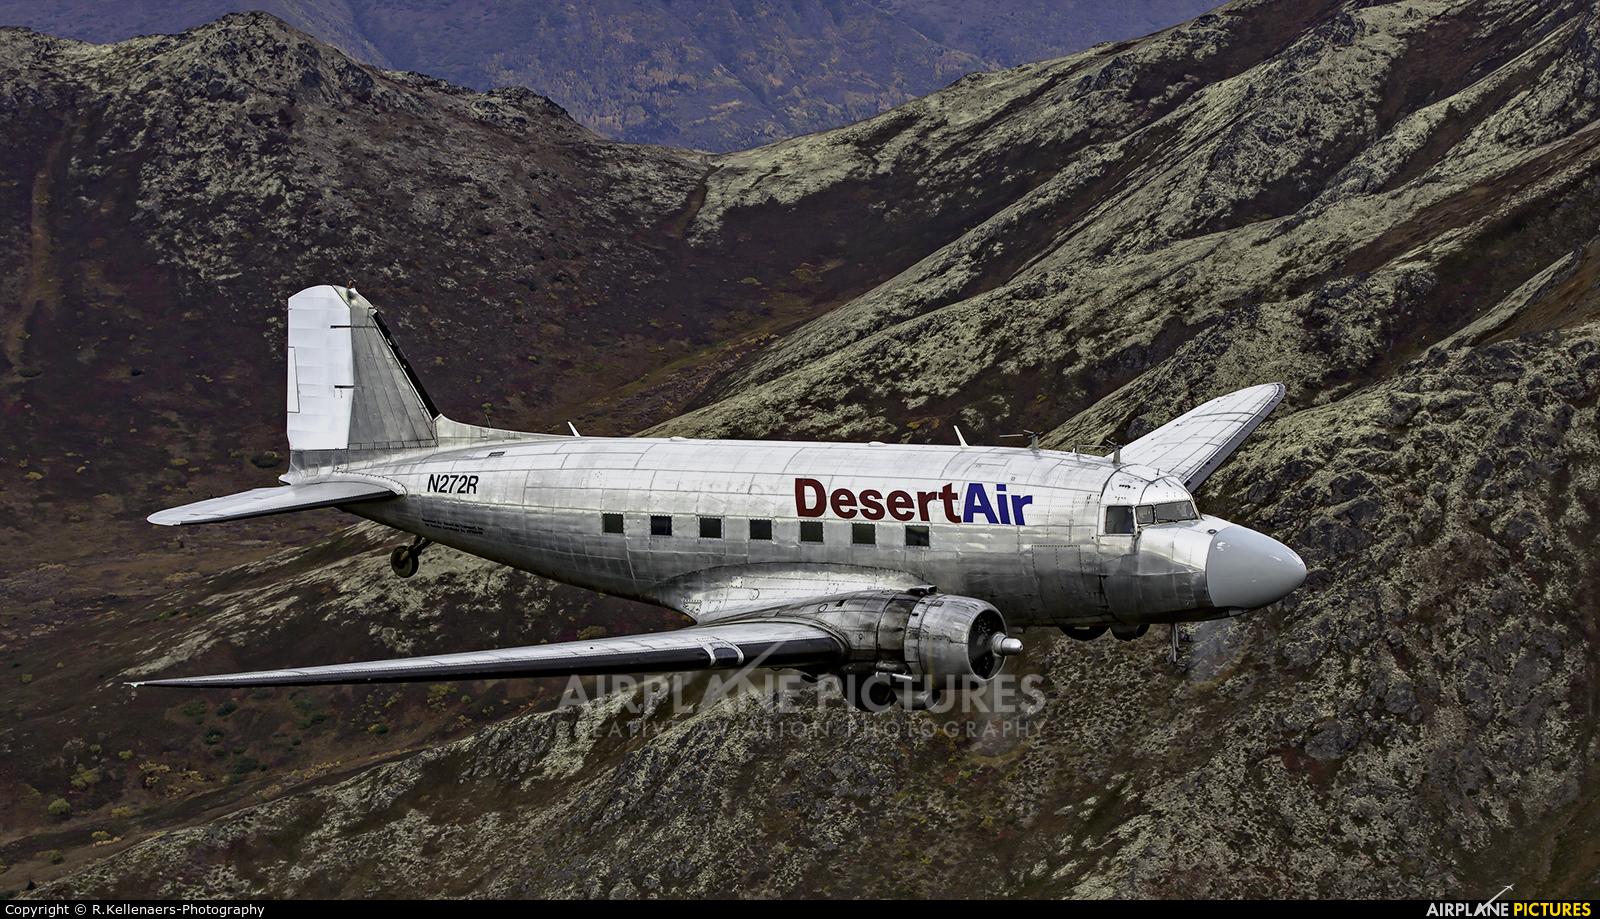 Desert Air N272R aircraft at In Flight - Alaska